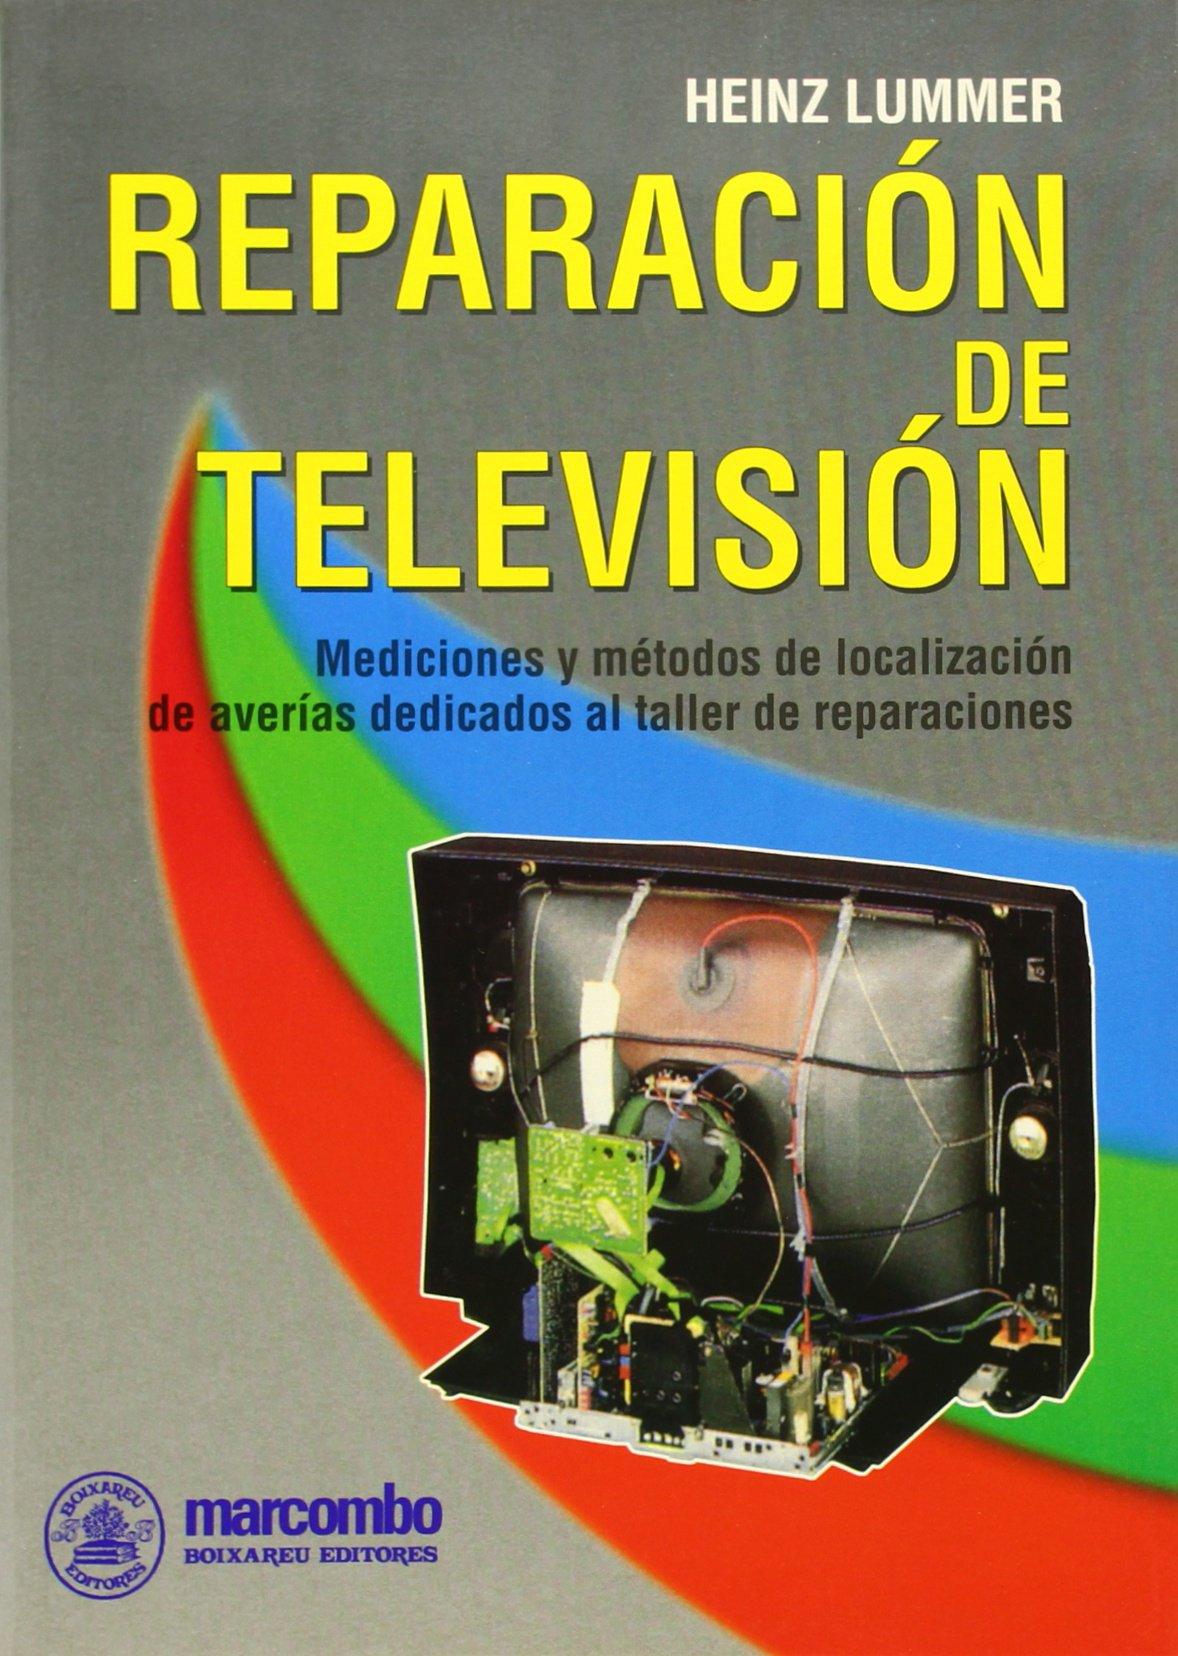 Reparación de Televisión (ACCESO RÁPIDO): Amazon.es: Lummer, Heinz: Libros